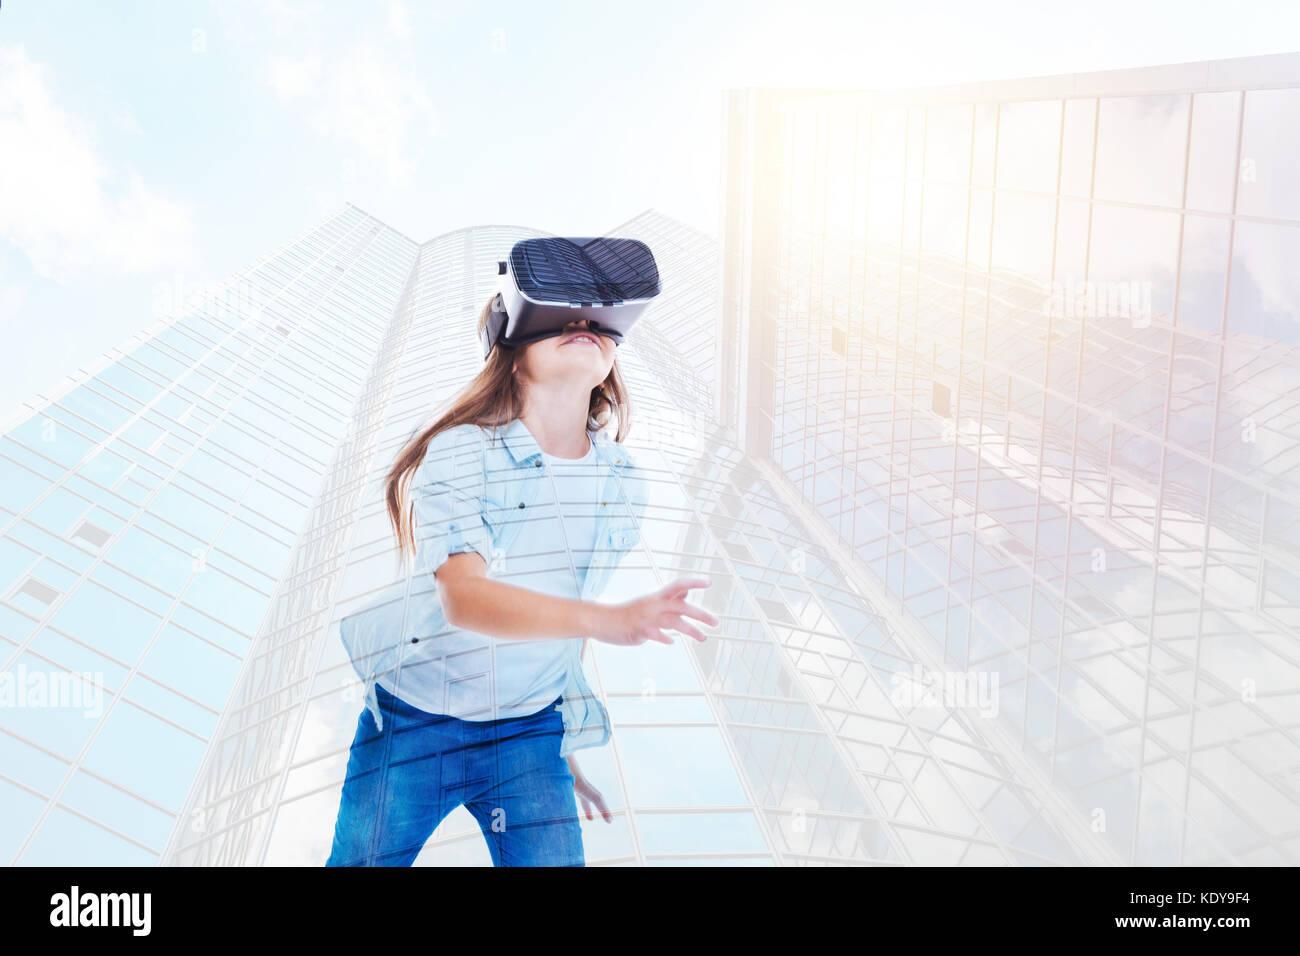 Pre-teen girl running in VR headset - Stock Image